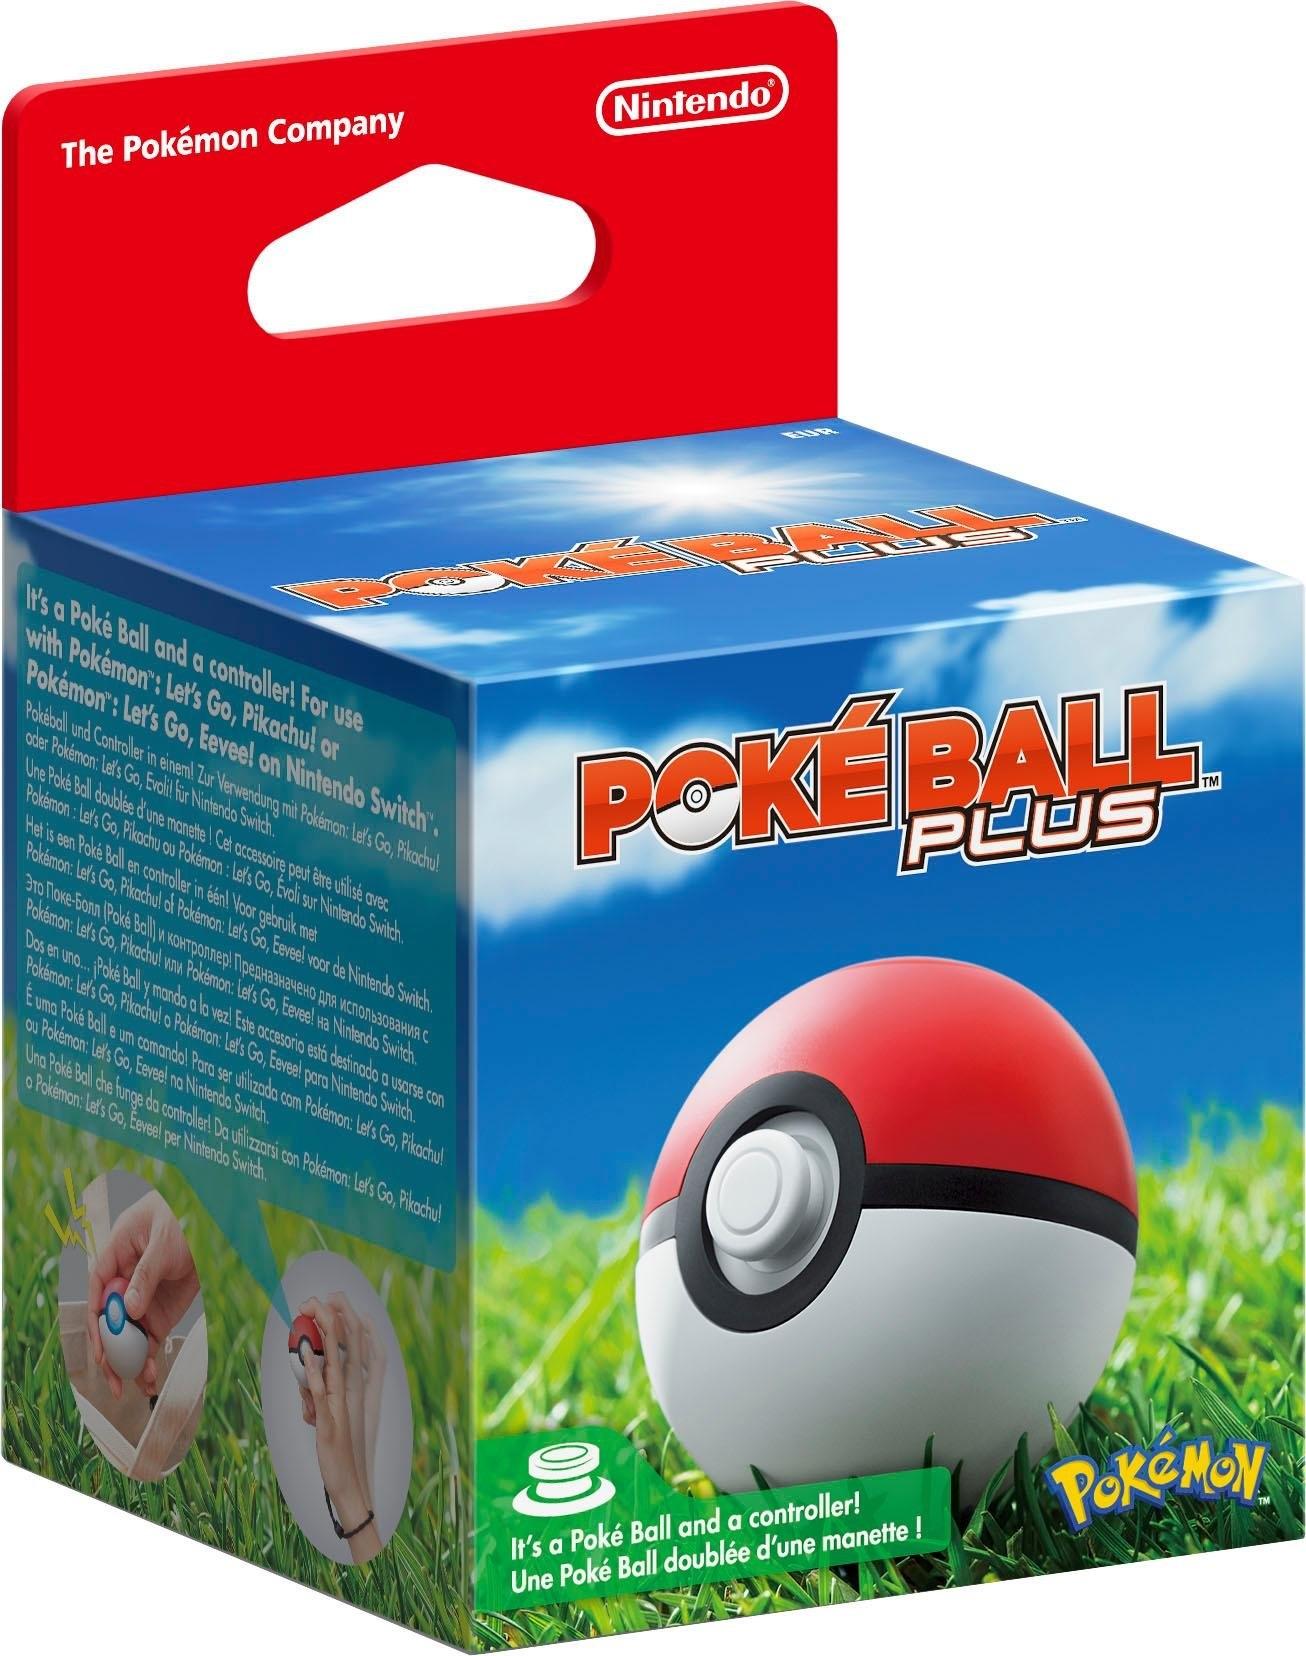 Nintendo Switch Controller »Pokéball Plus« - verschillende betaalmethodes